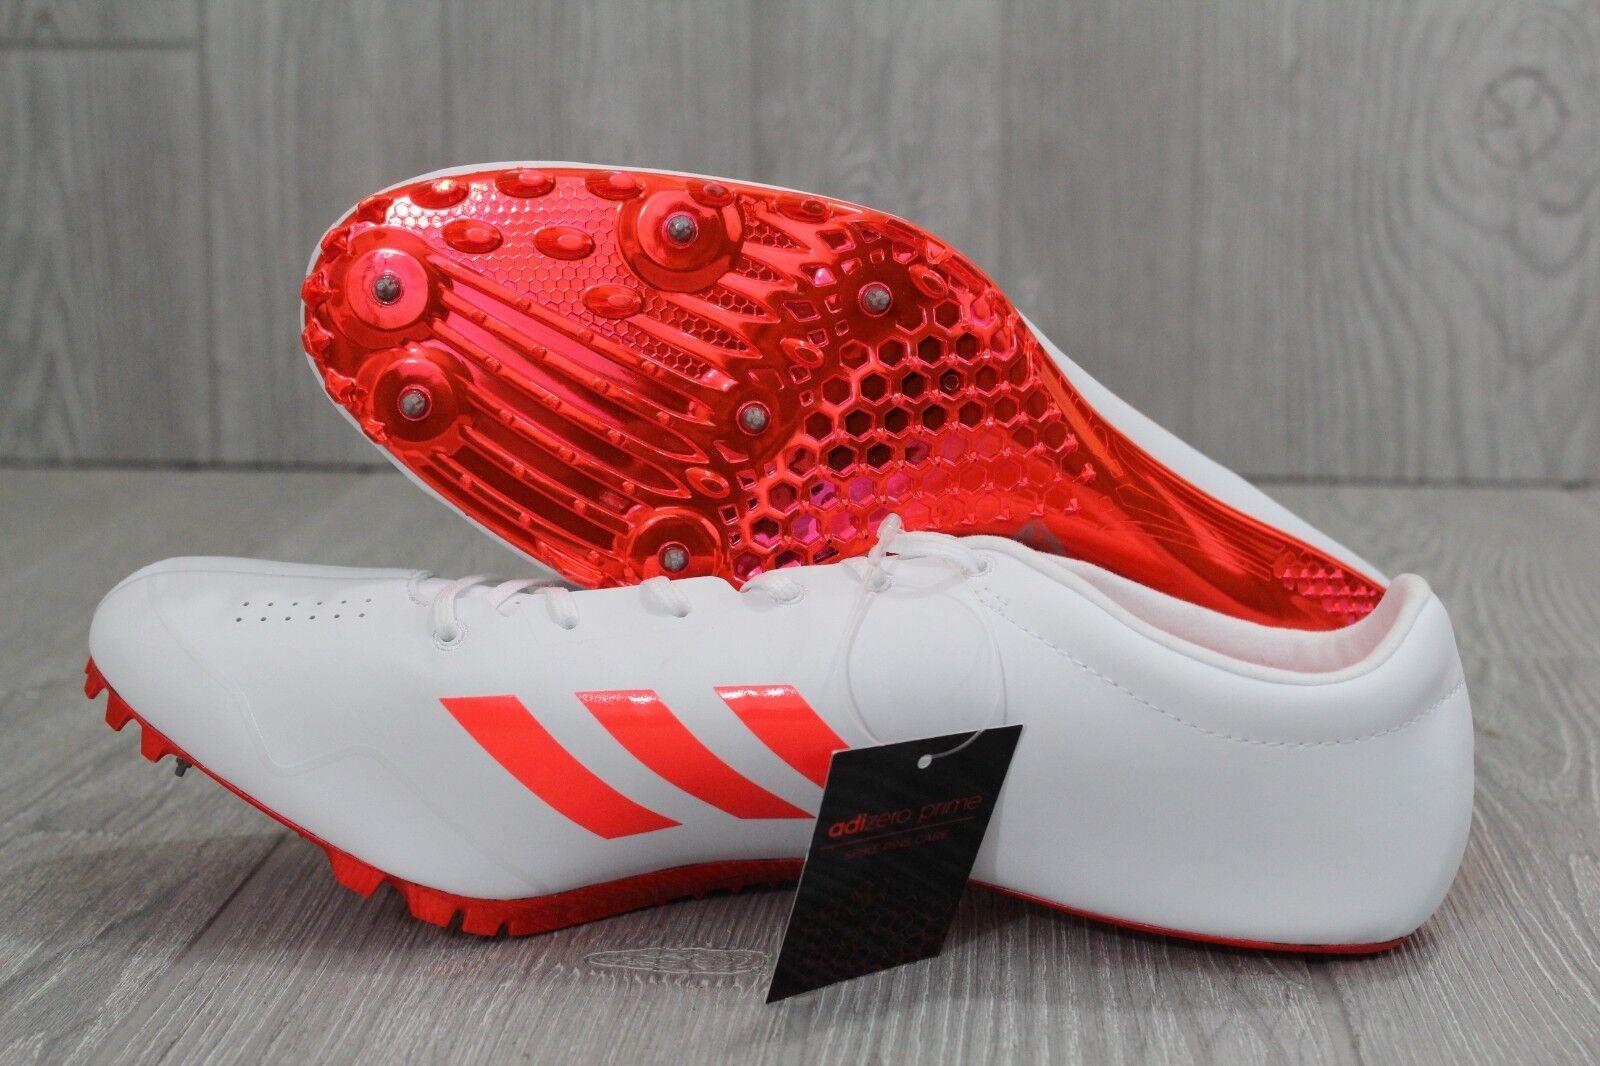 30. adidas adizero prime weißen sp sprint track spitzen weißen prime orange sz 6.5-12.5 bb4117 dad390